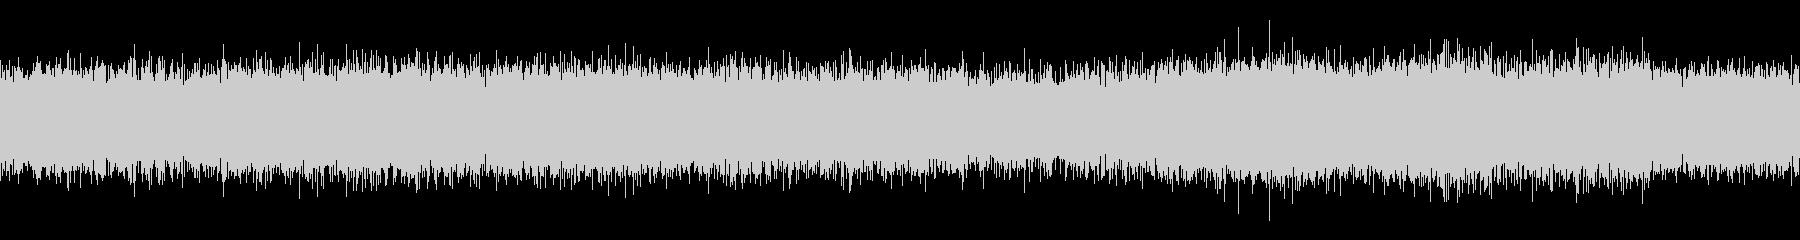 【生録音】ループで使える夏の虫の声 4の未再生の波形